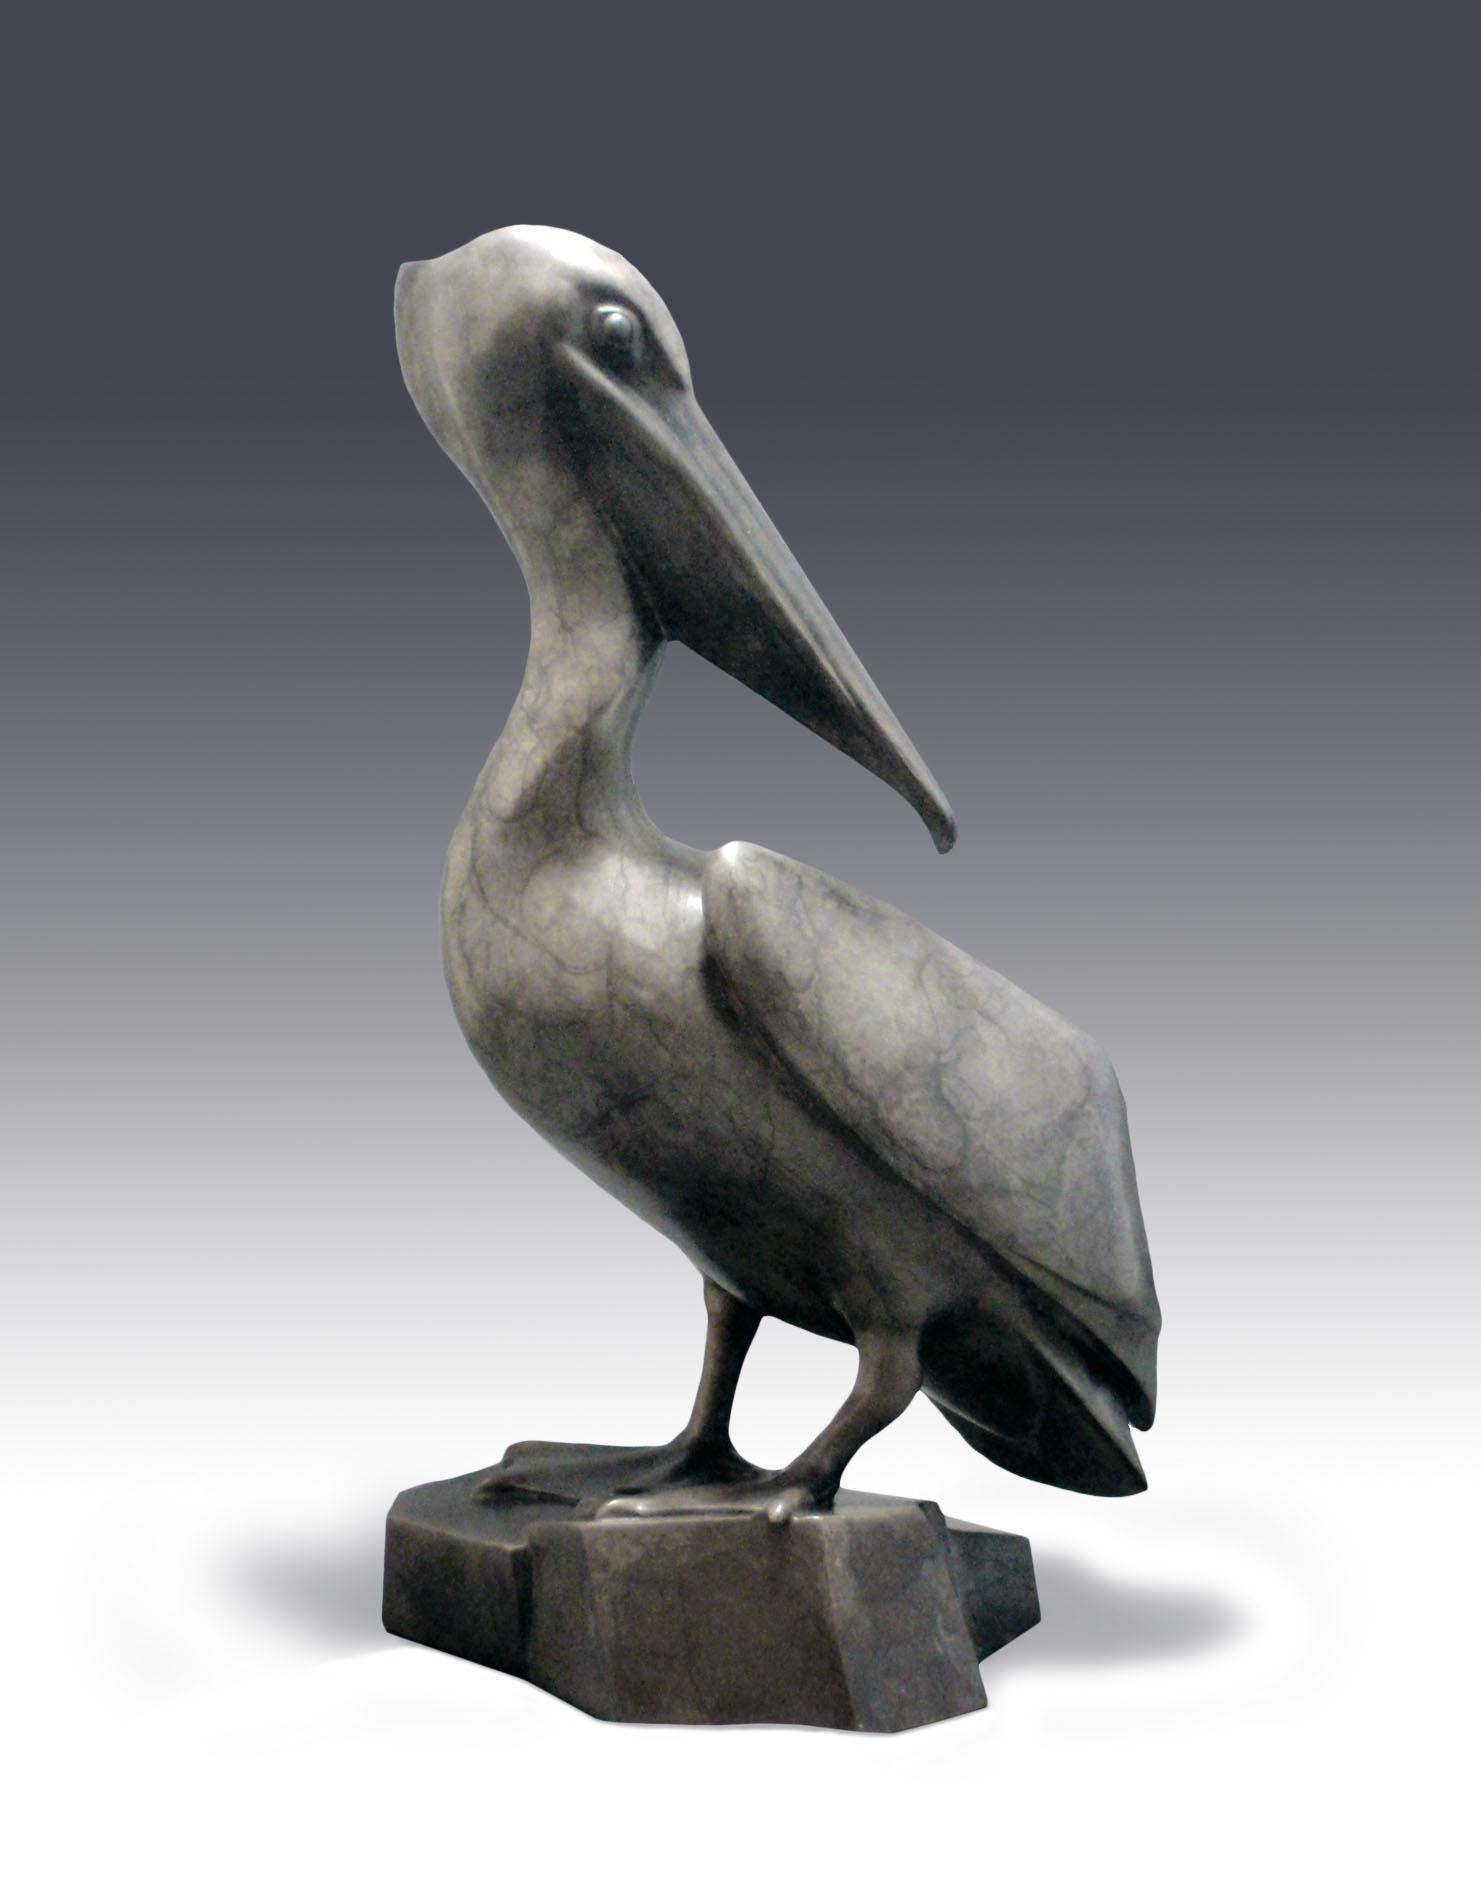 """Pelican Repose - © 2015 Kristine Taylor, Bronze, edition of 15, 11""""H x 6""""W x 6.5""""L"""